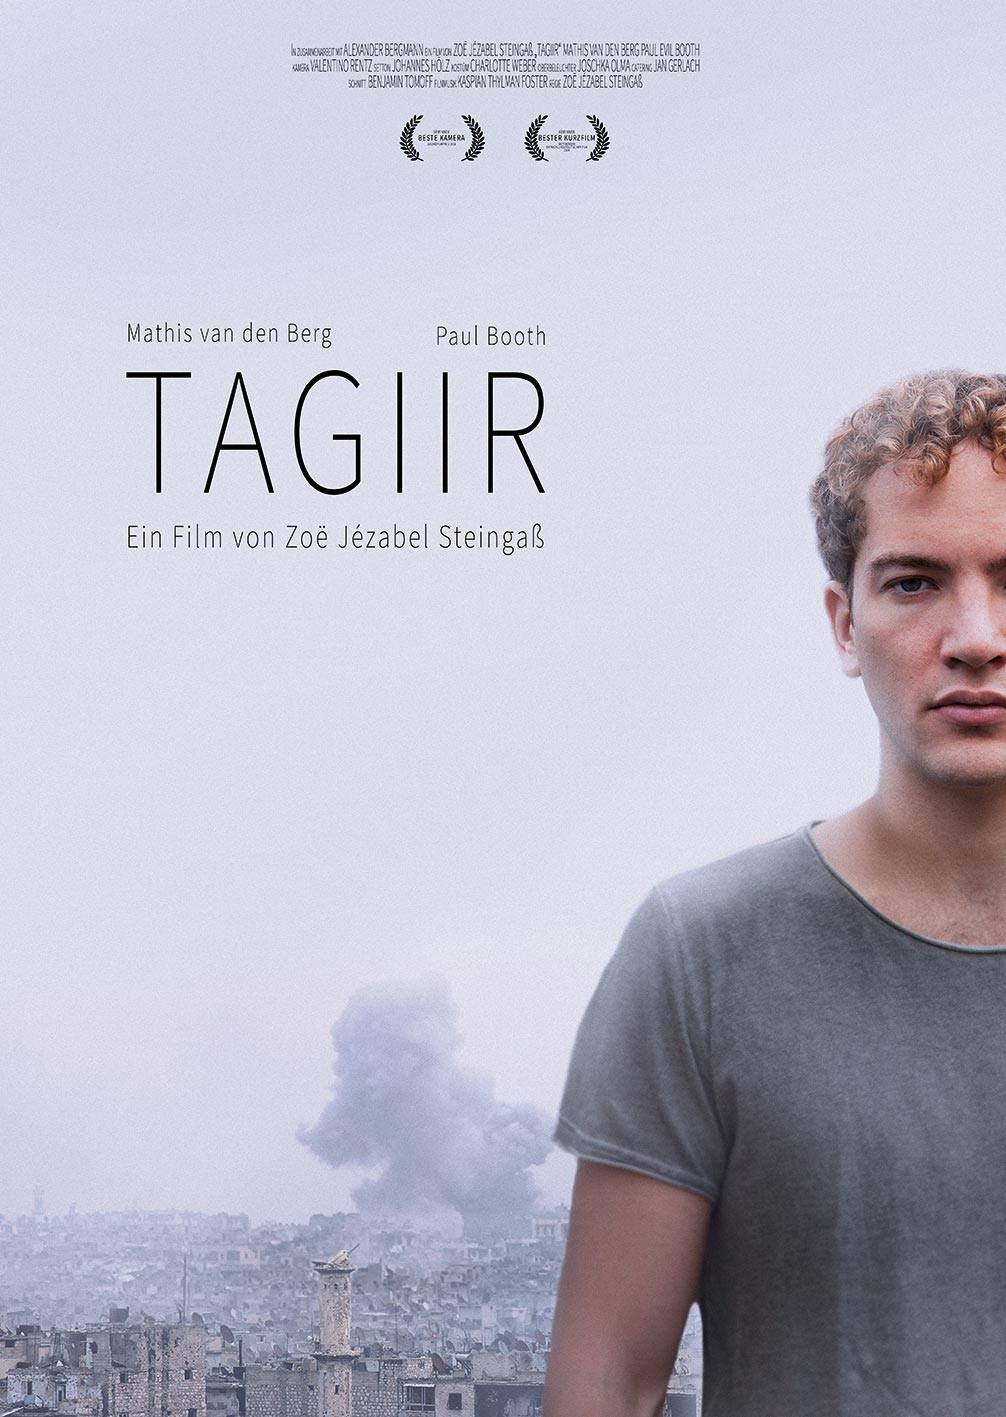 TAGIIR